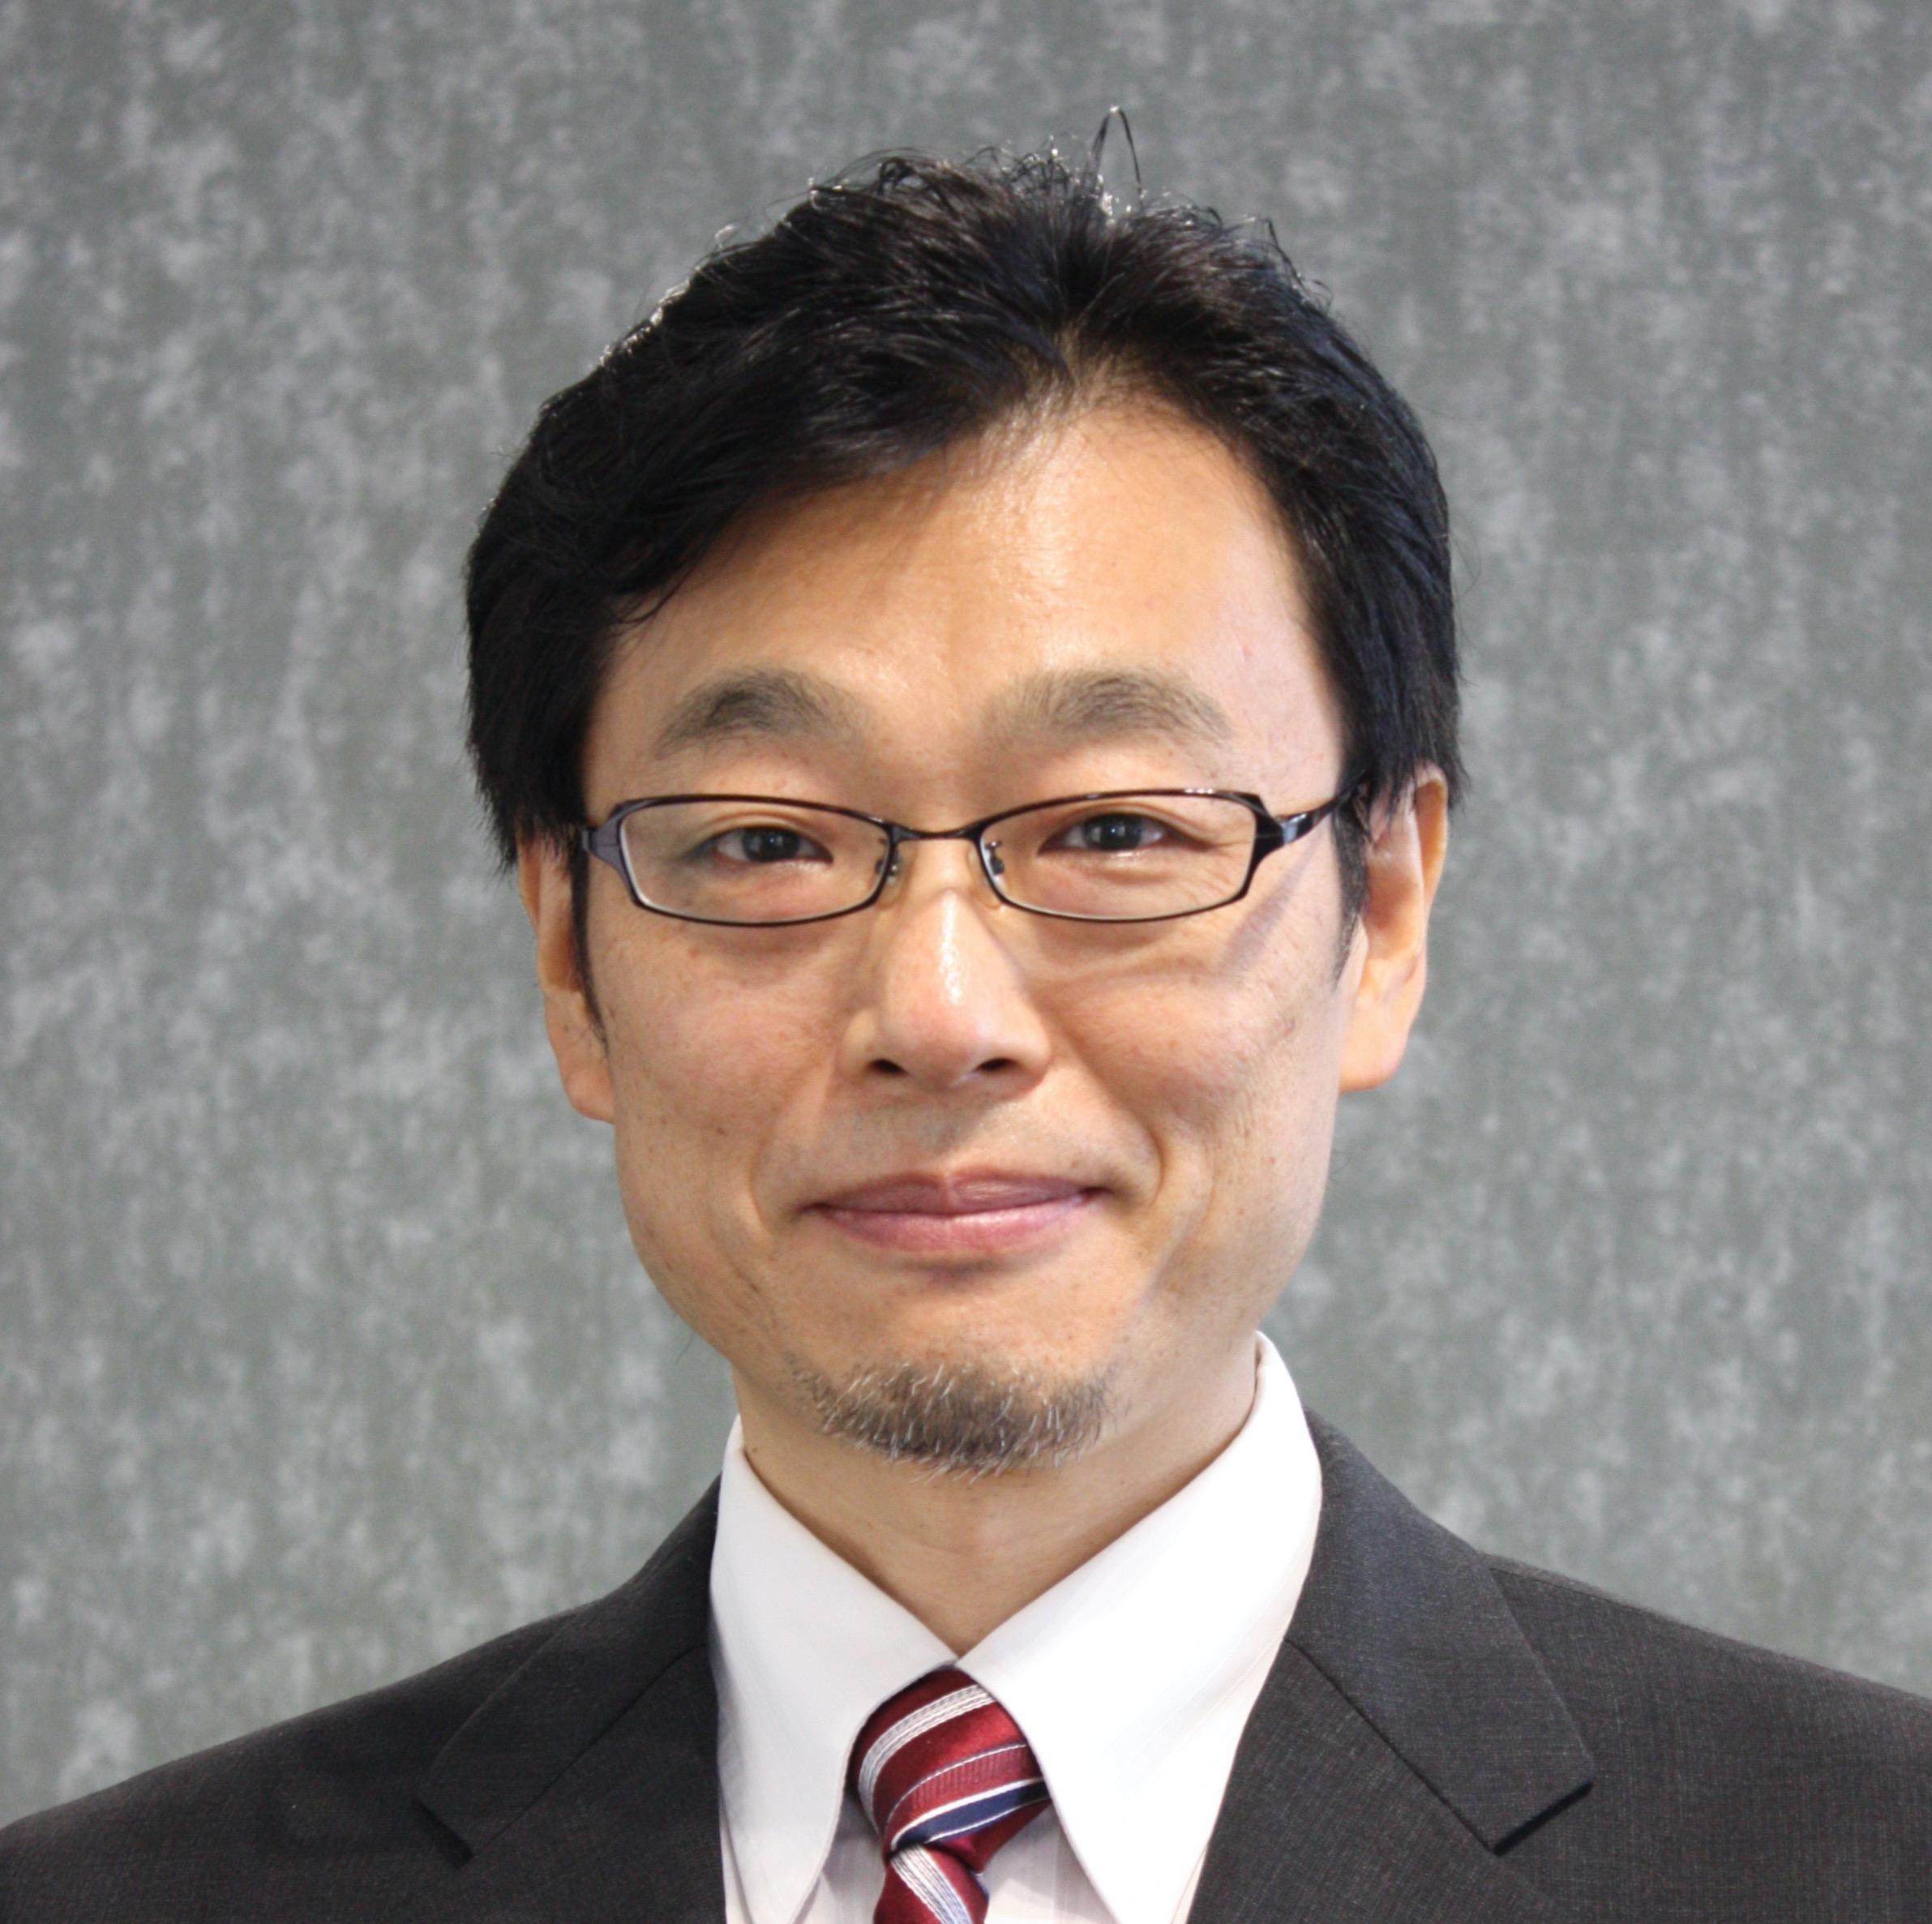 工藤 道治 Michiharu Kudoh IBM東京基礎研究所